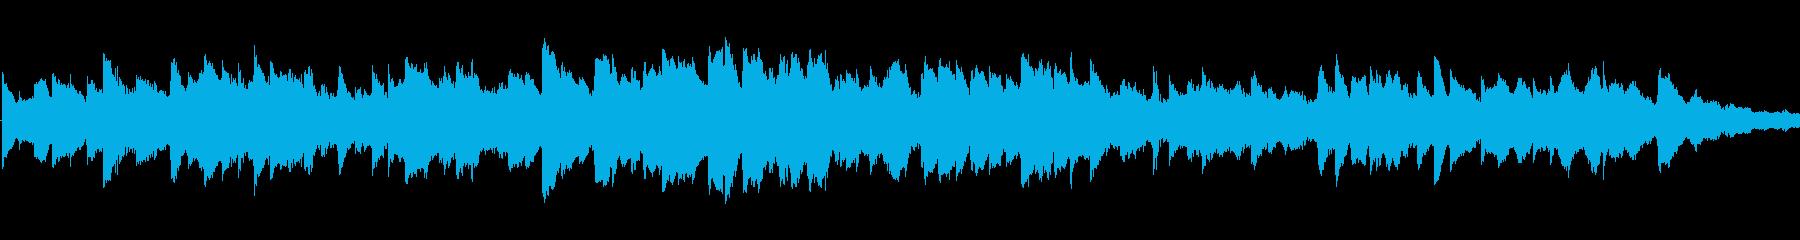 楽しさを表現したオルゴールの再生済みの波形